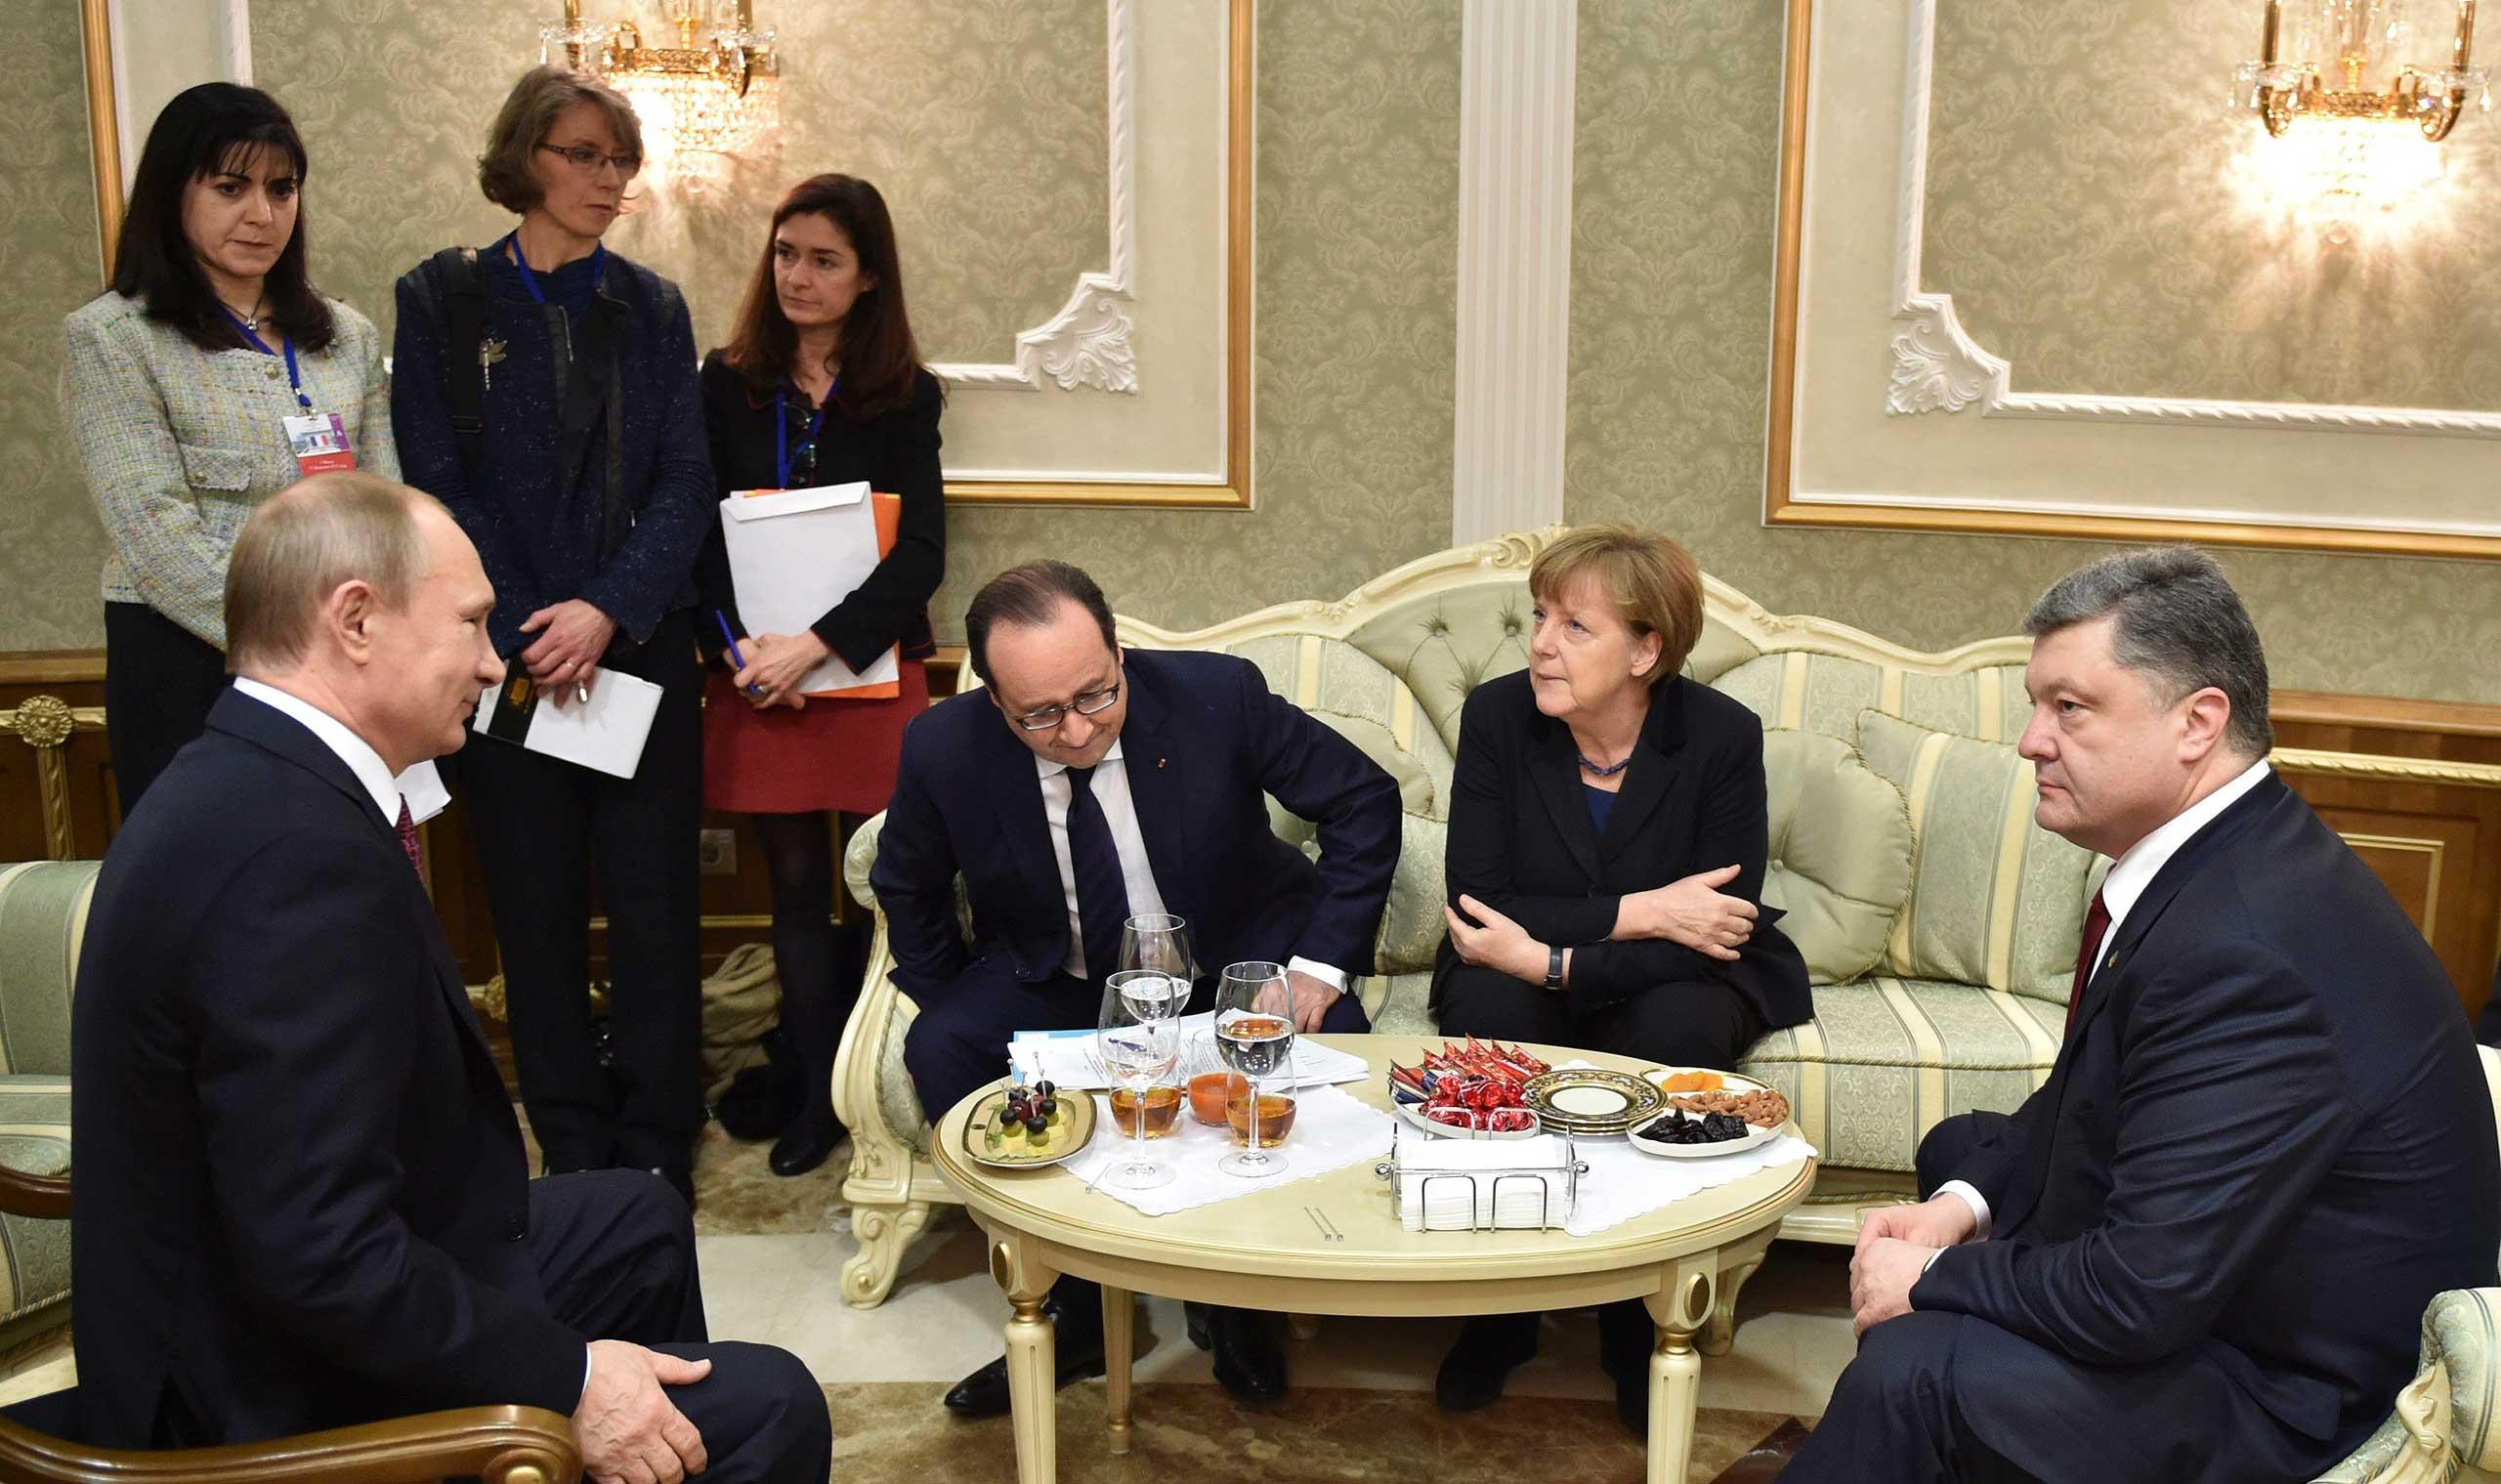 Russia's President Vladimir Putin, France's President Francois Hollande, Germany's Chancellor Angela Merkel and Ukraine's President Petro Poroshenko attend a meeting on resolving the Ukrainian crisis in Minsk, Belarus, Feb. 11, 2015.